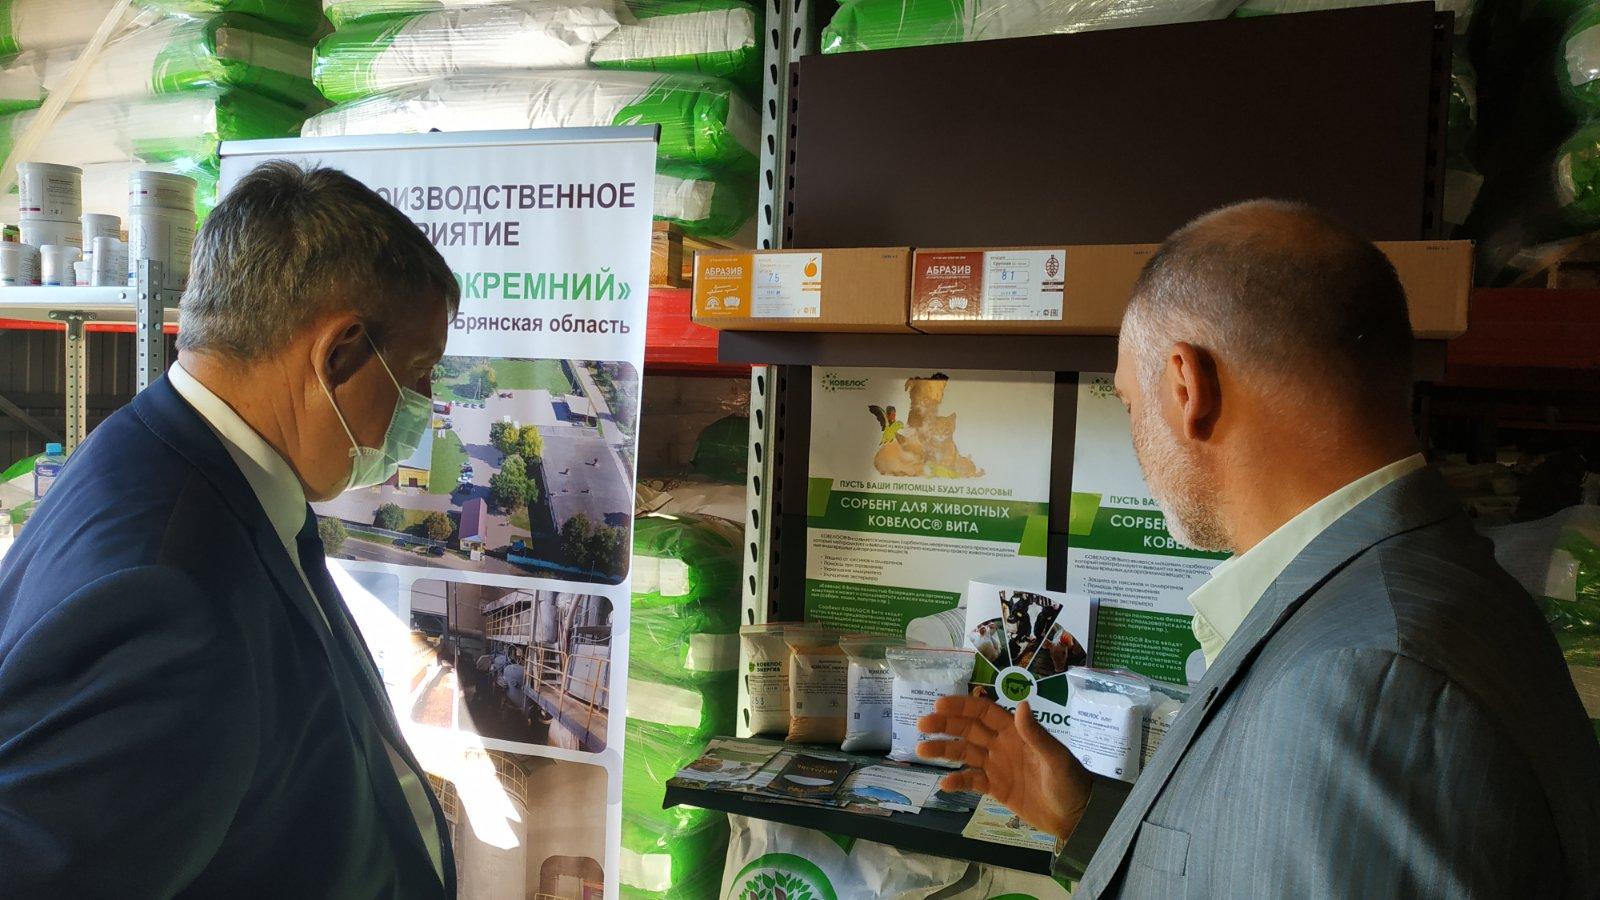 Губернатор Брянской области познакомился с продукцией компании «Экокремний» в Новозыбкове